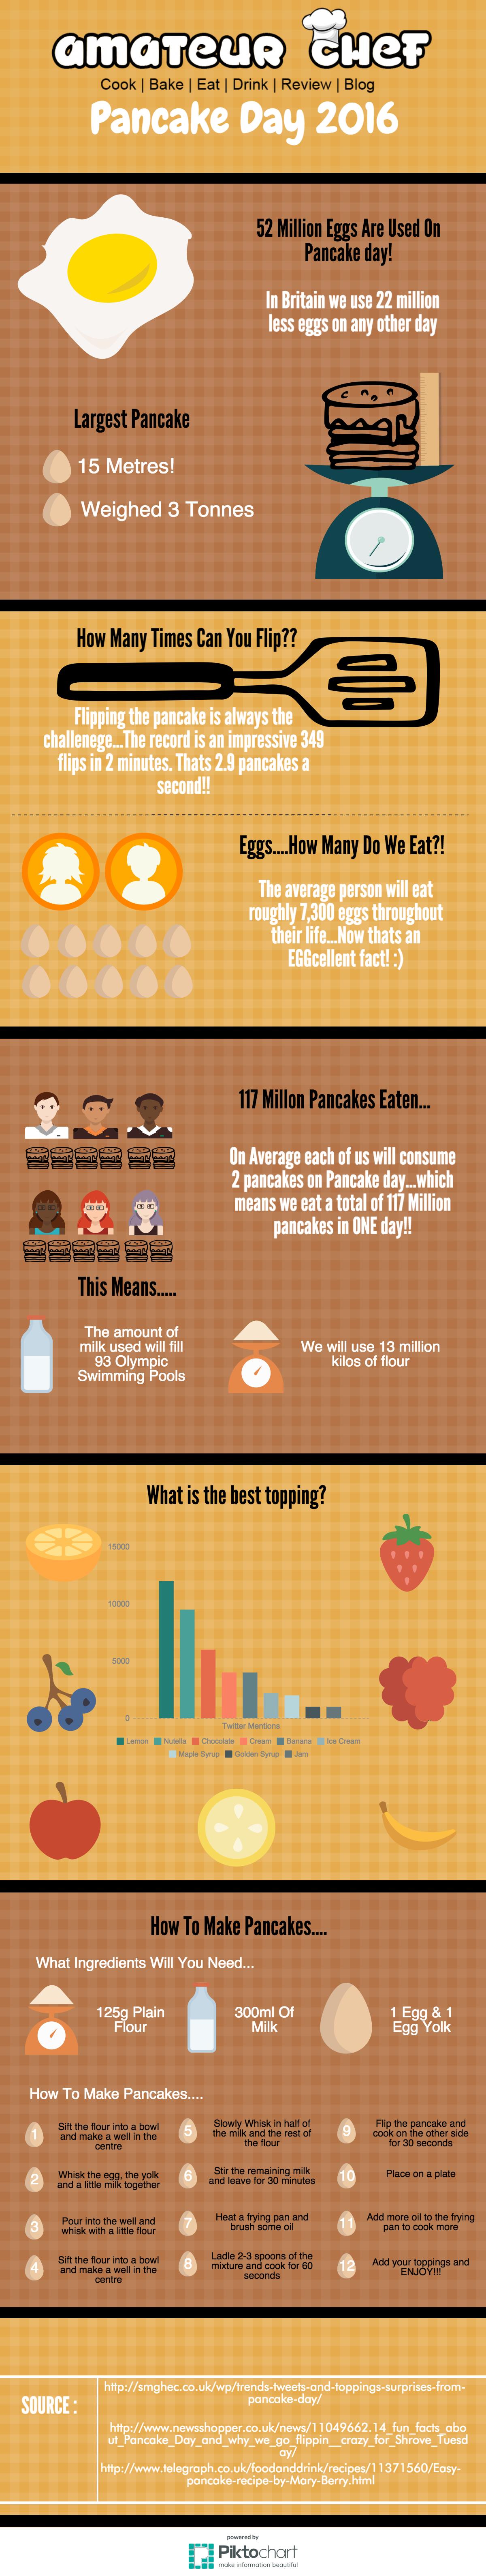 Pancake Day Infographic